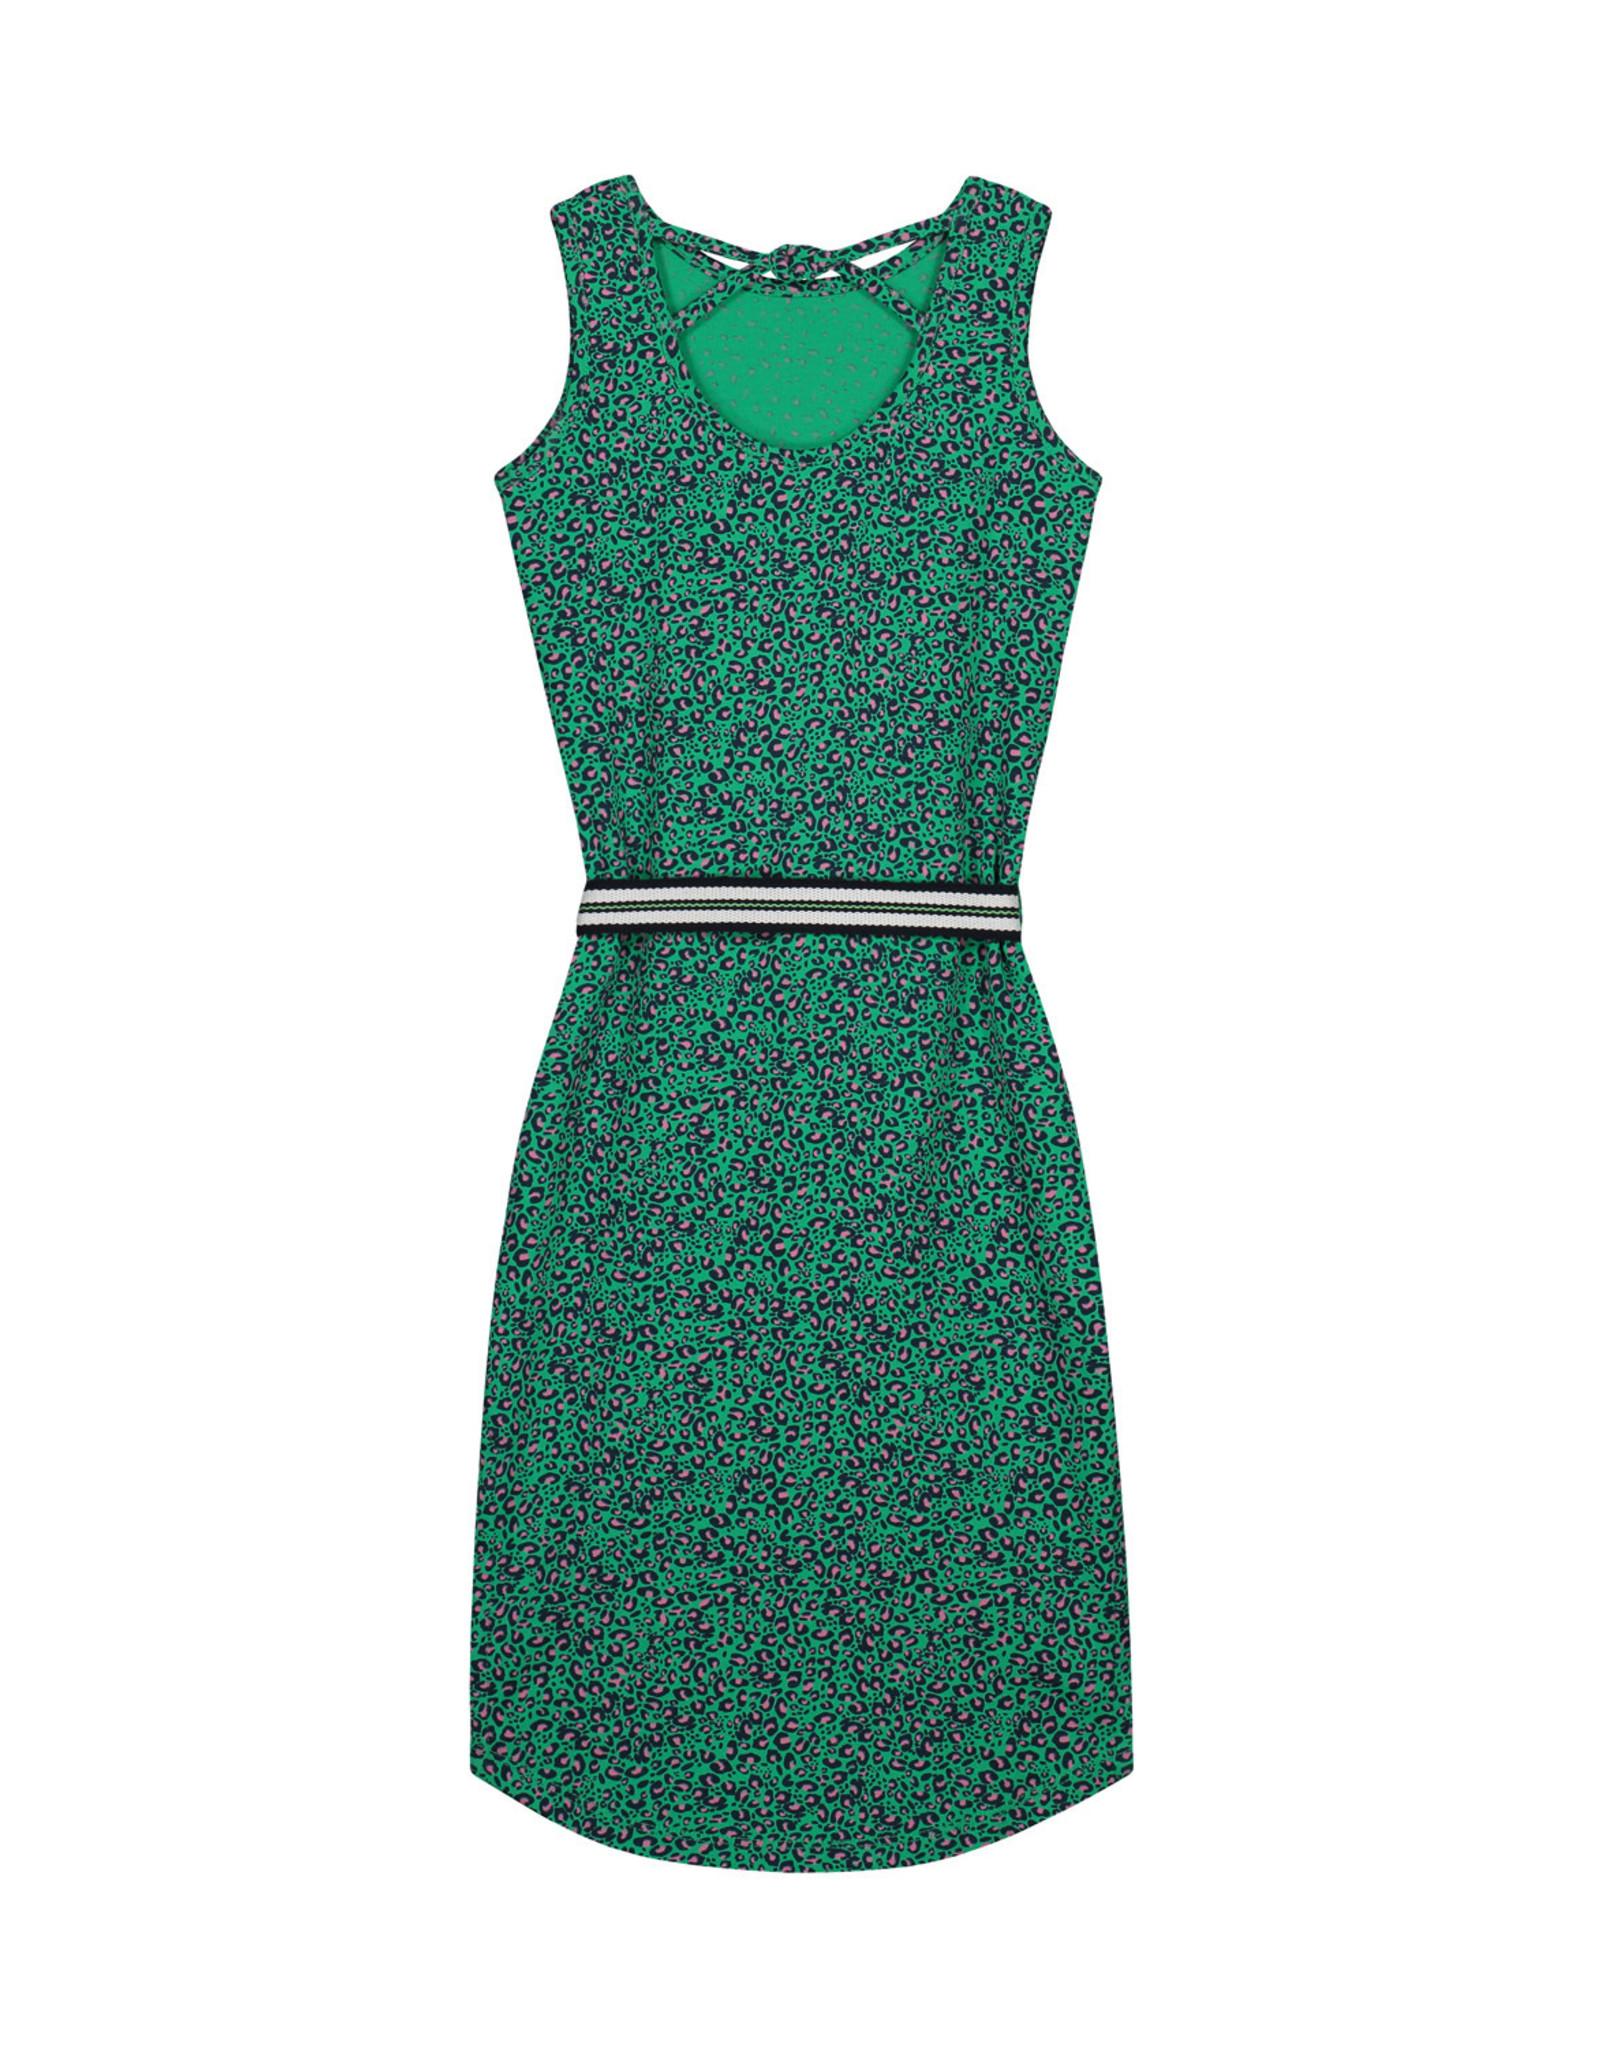 Quapi meisjes jurk Alley Jungle Green Leopard